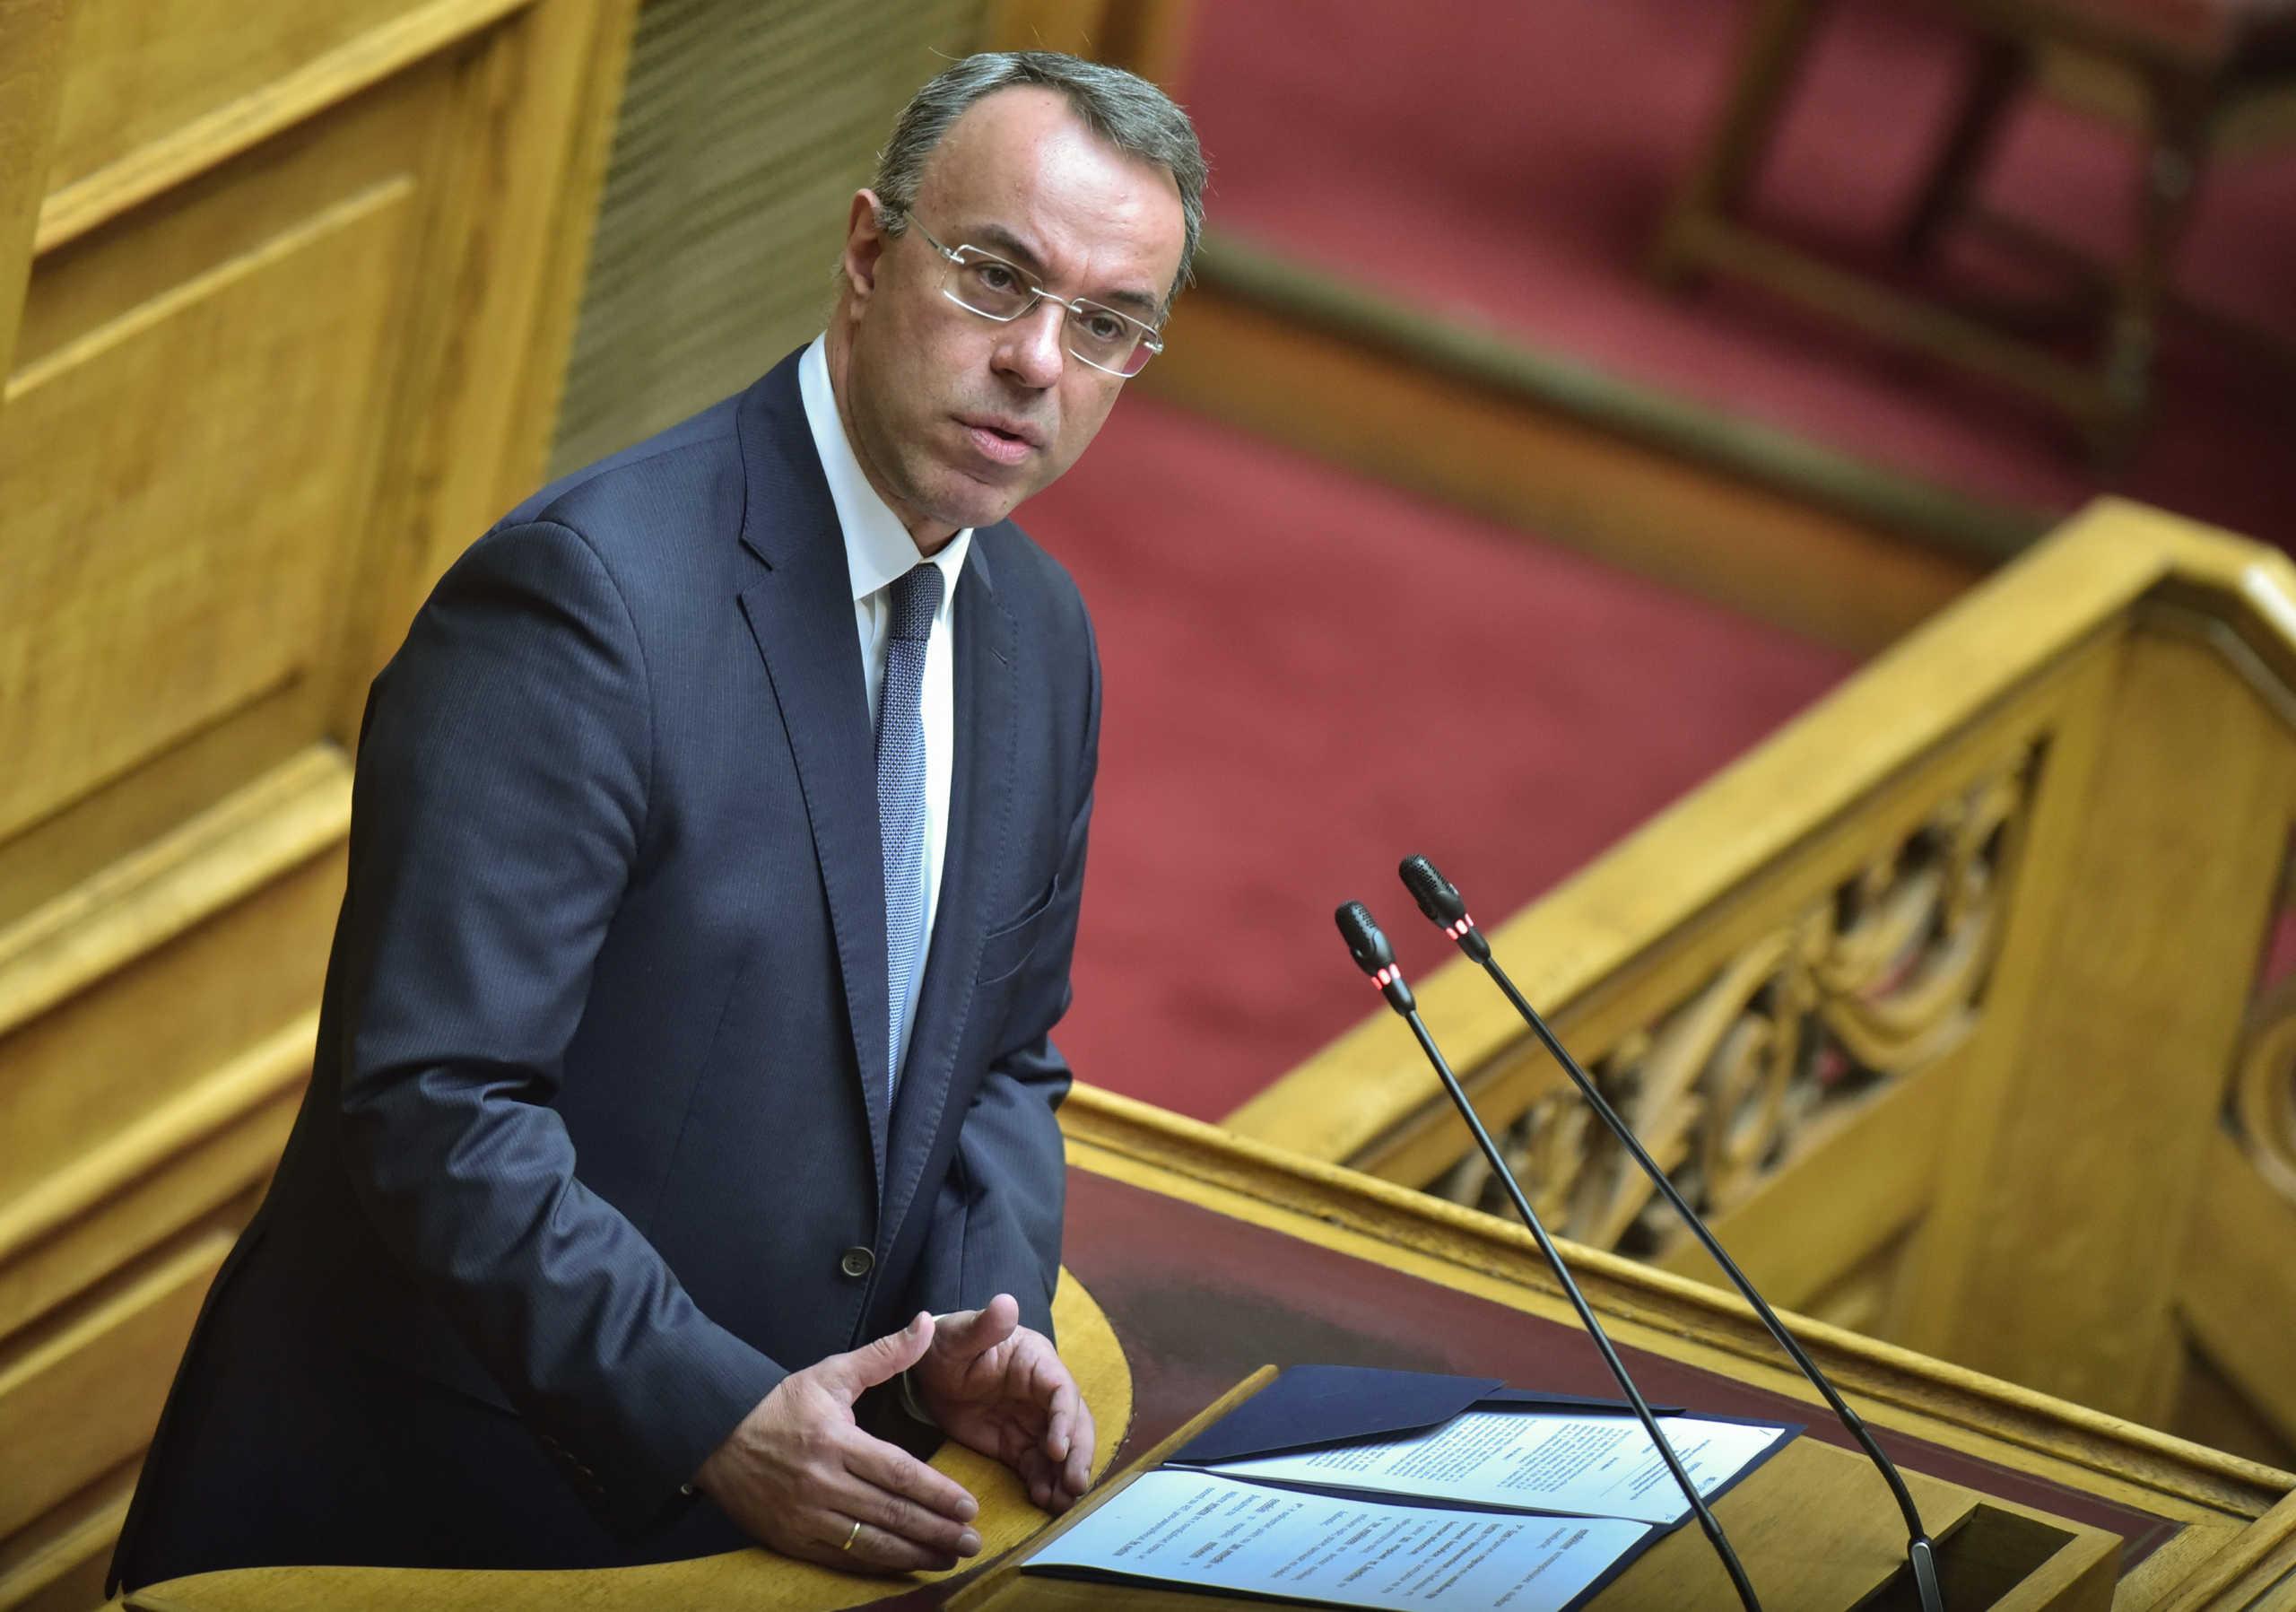 Ανάπτυξη 7,5% για το 2021 προβλέπει η κυβέρνηση – Κατατέθηκε το προσχέδιο του προϋπολογισμού